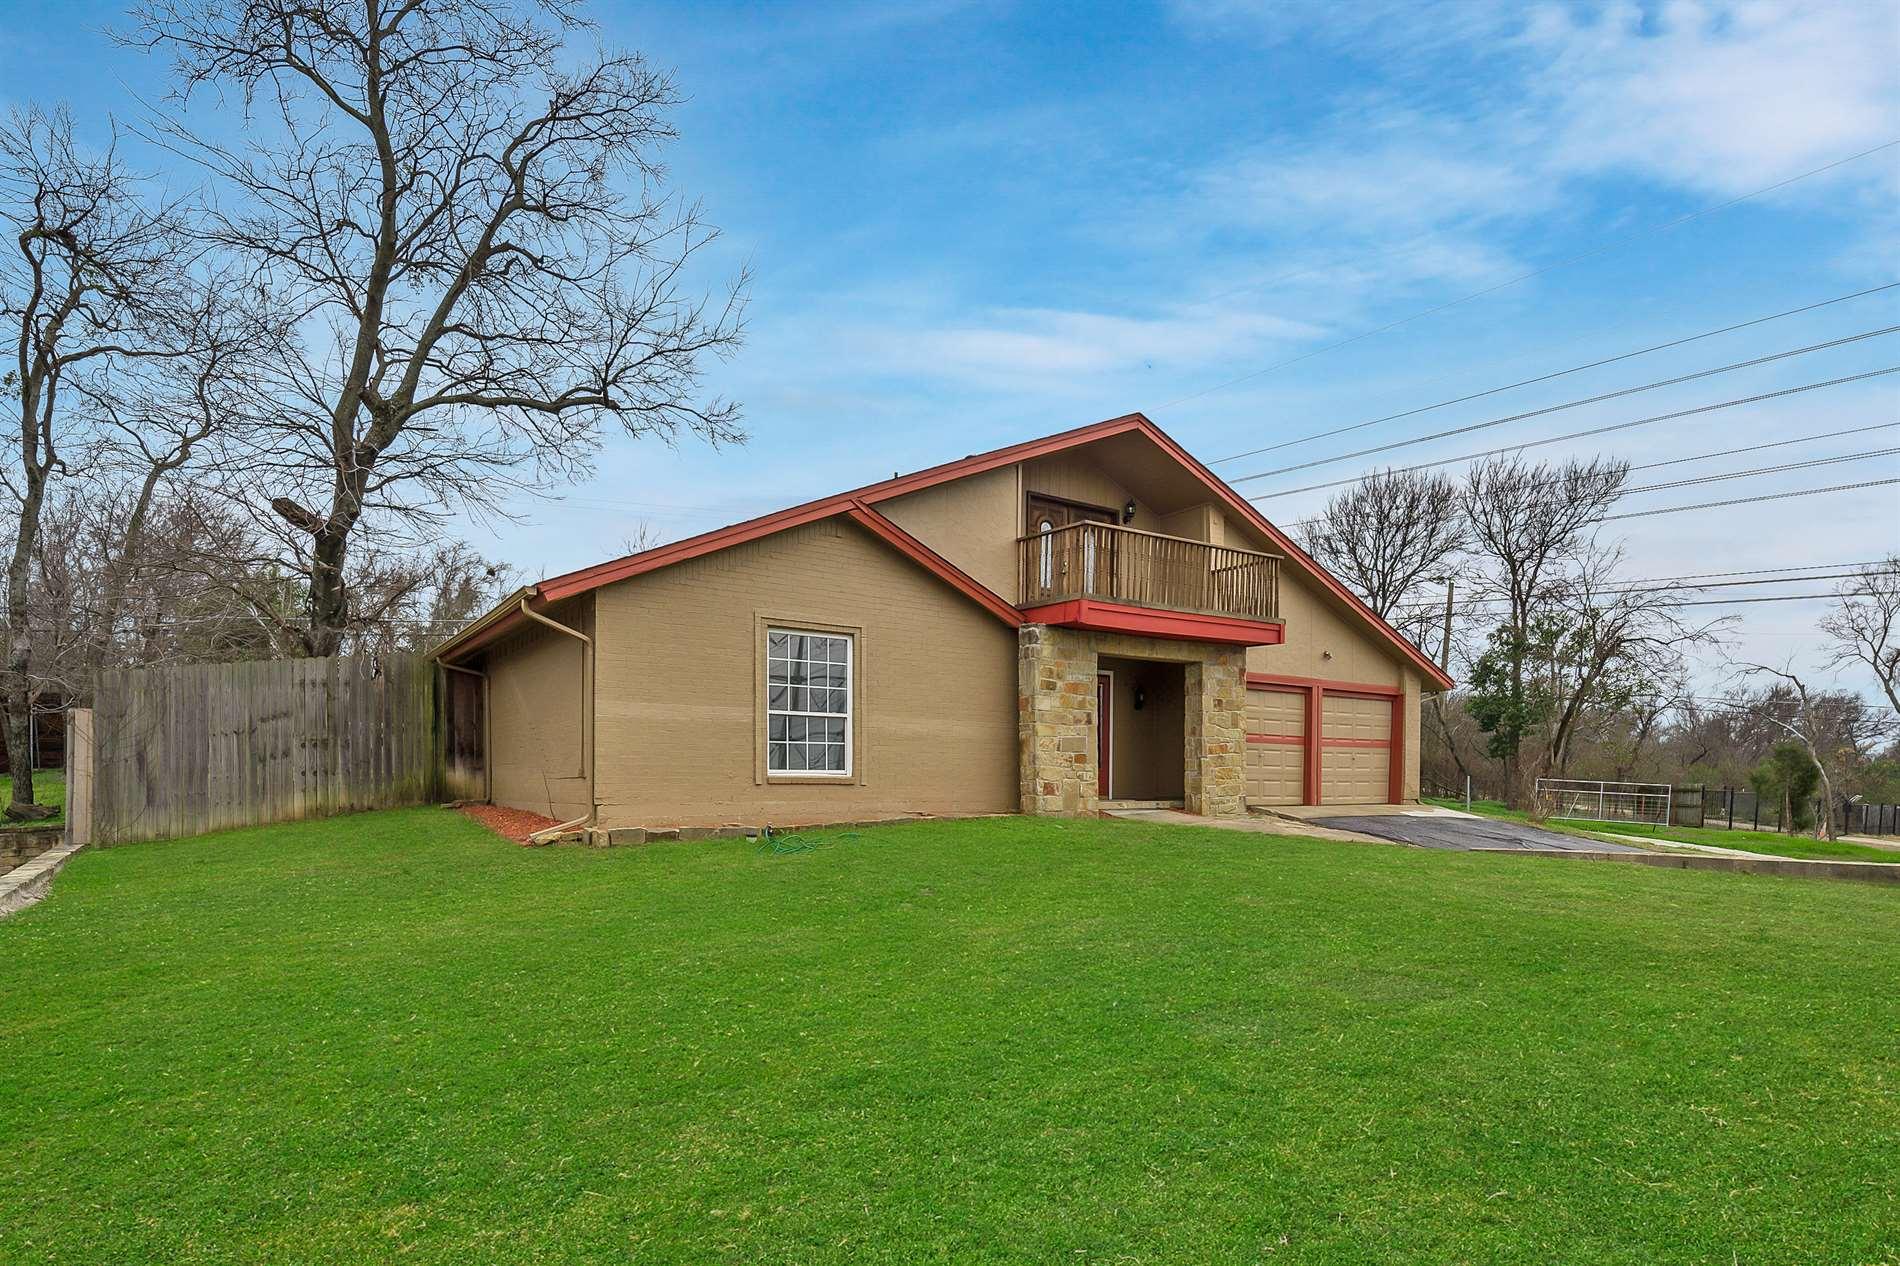 2013 Rock Creek Dr, Grand Prairie, TX 75050